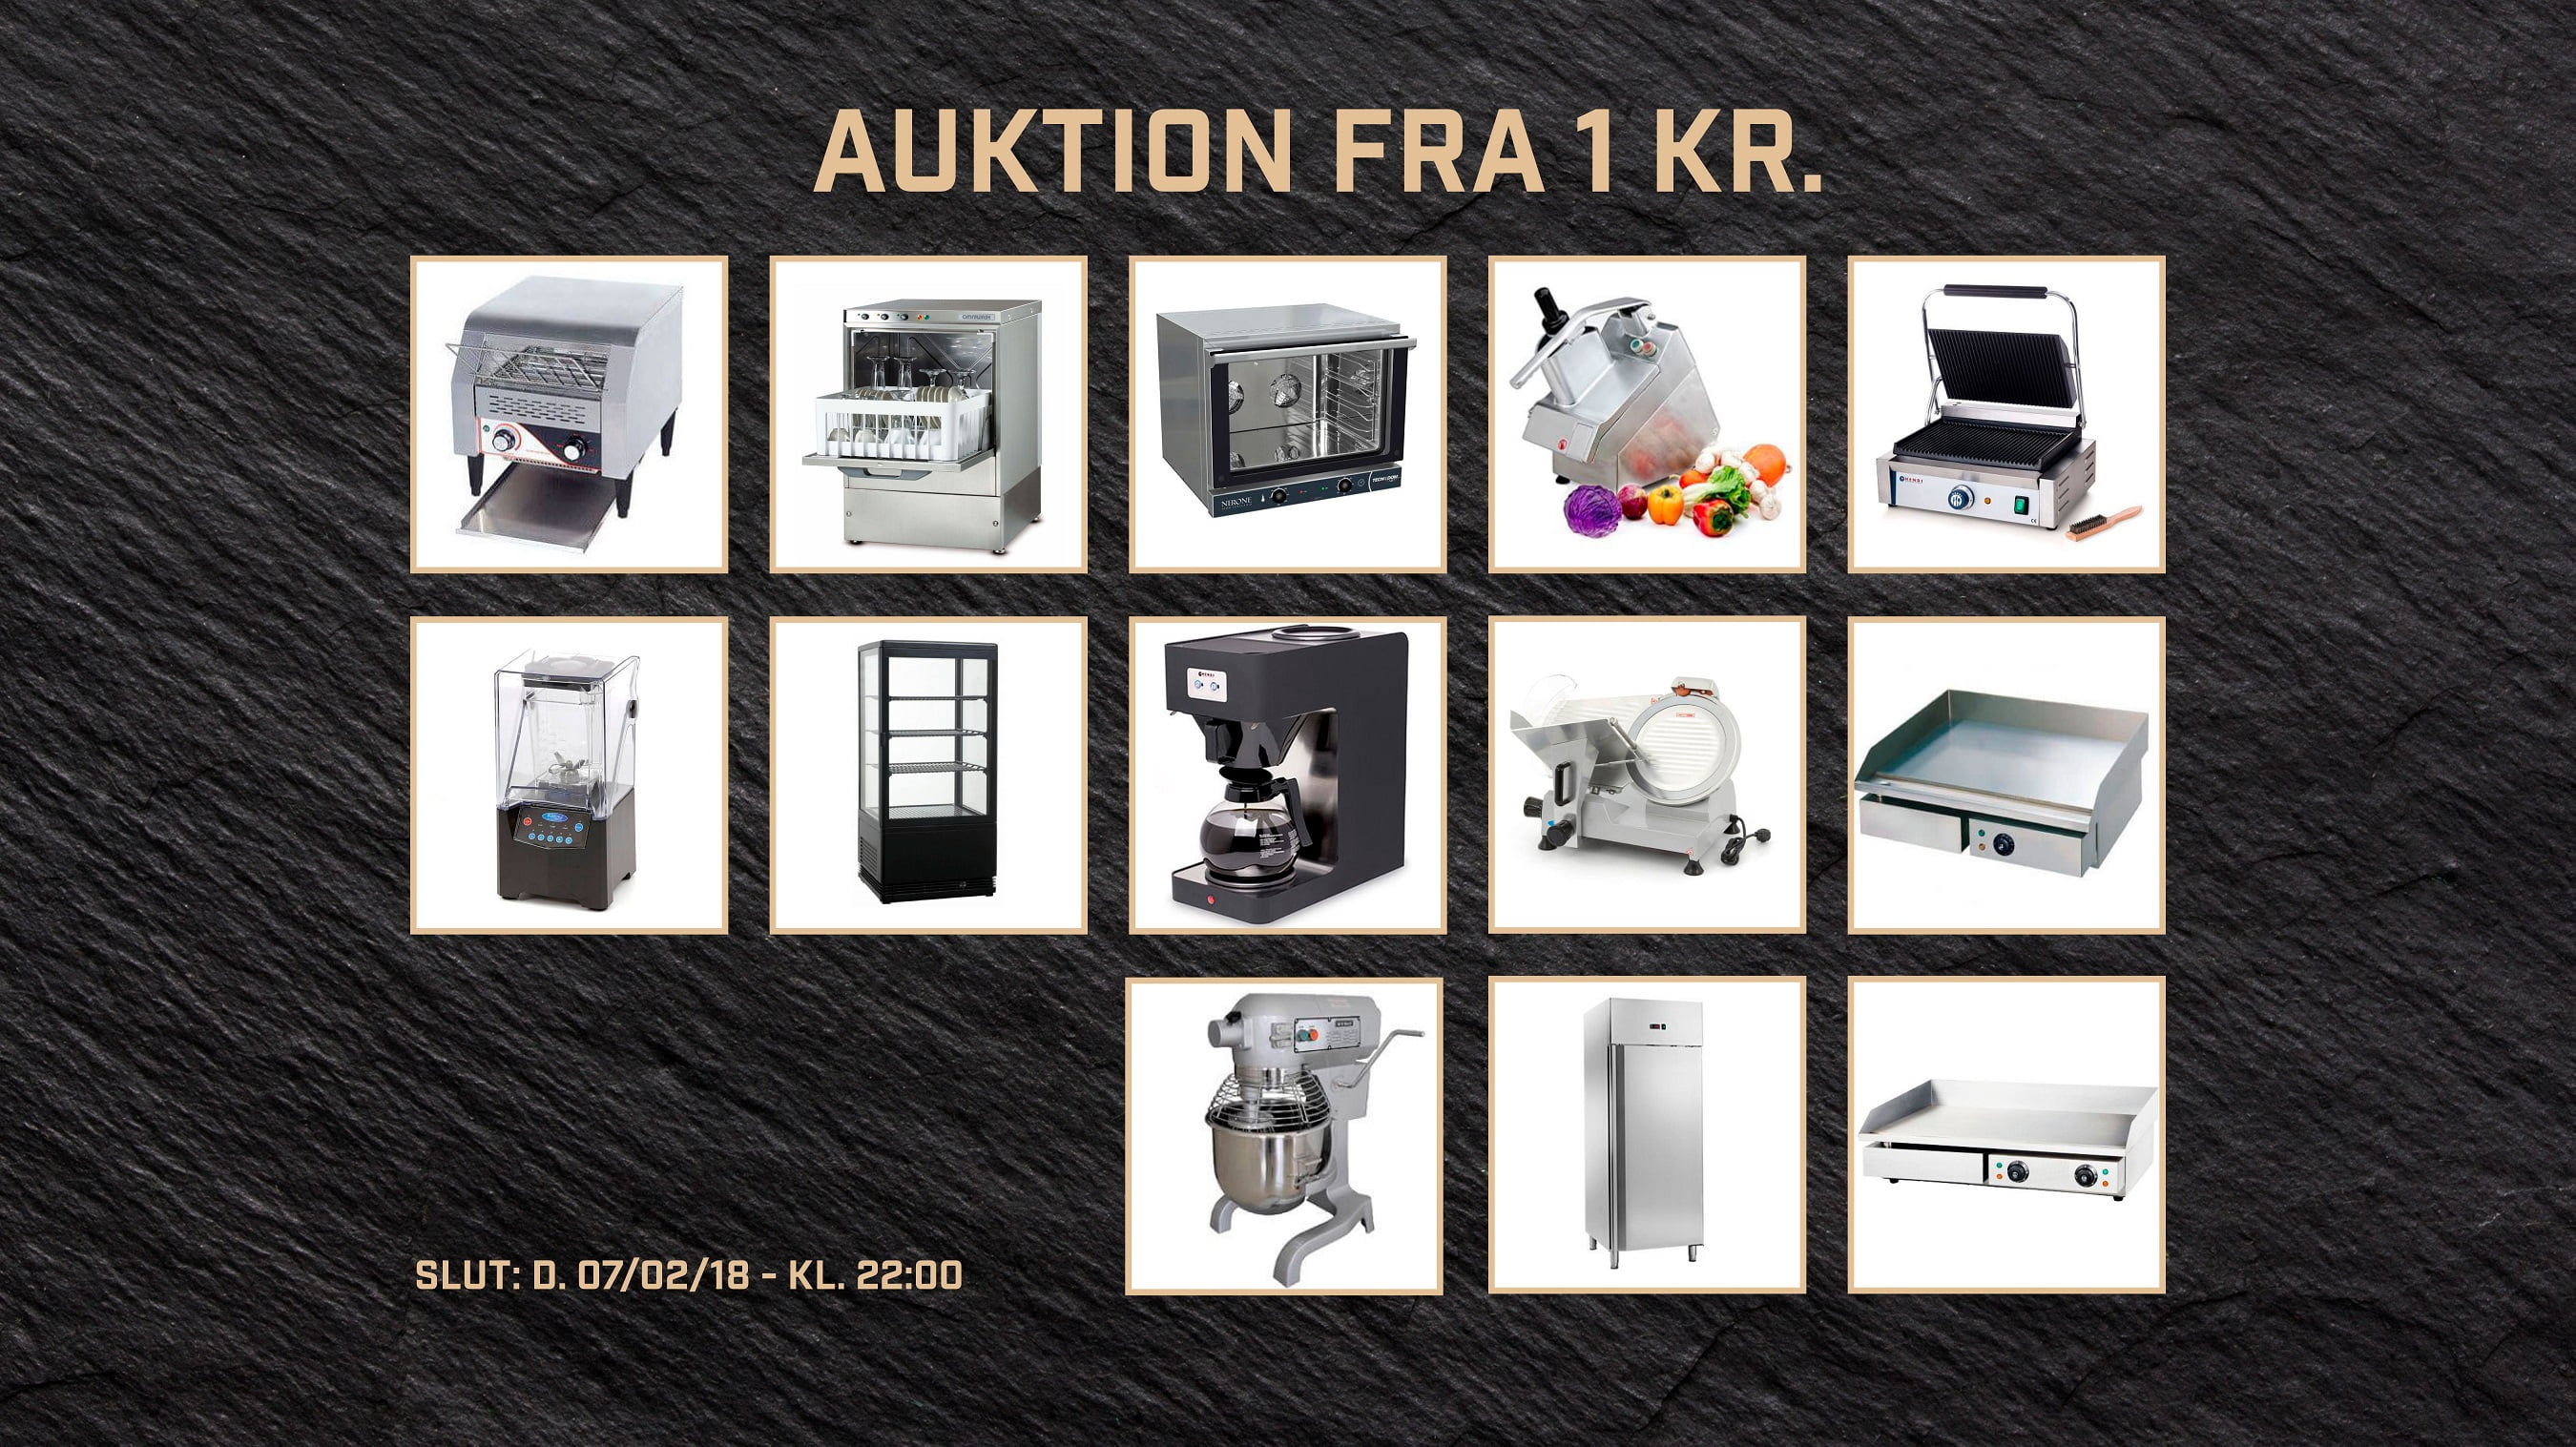 ea18d65dcea Auktioner fra 1 kr. på udstyr fra Cateringinventar.dk - Cateringinventar.dk